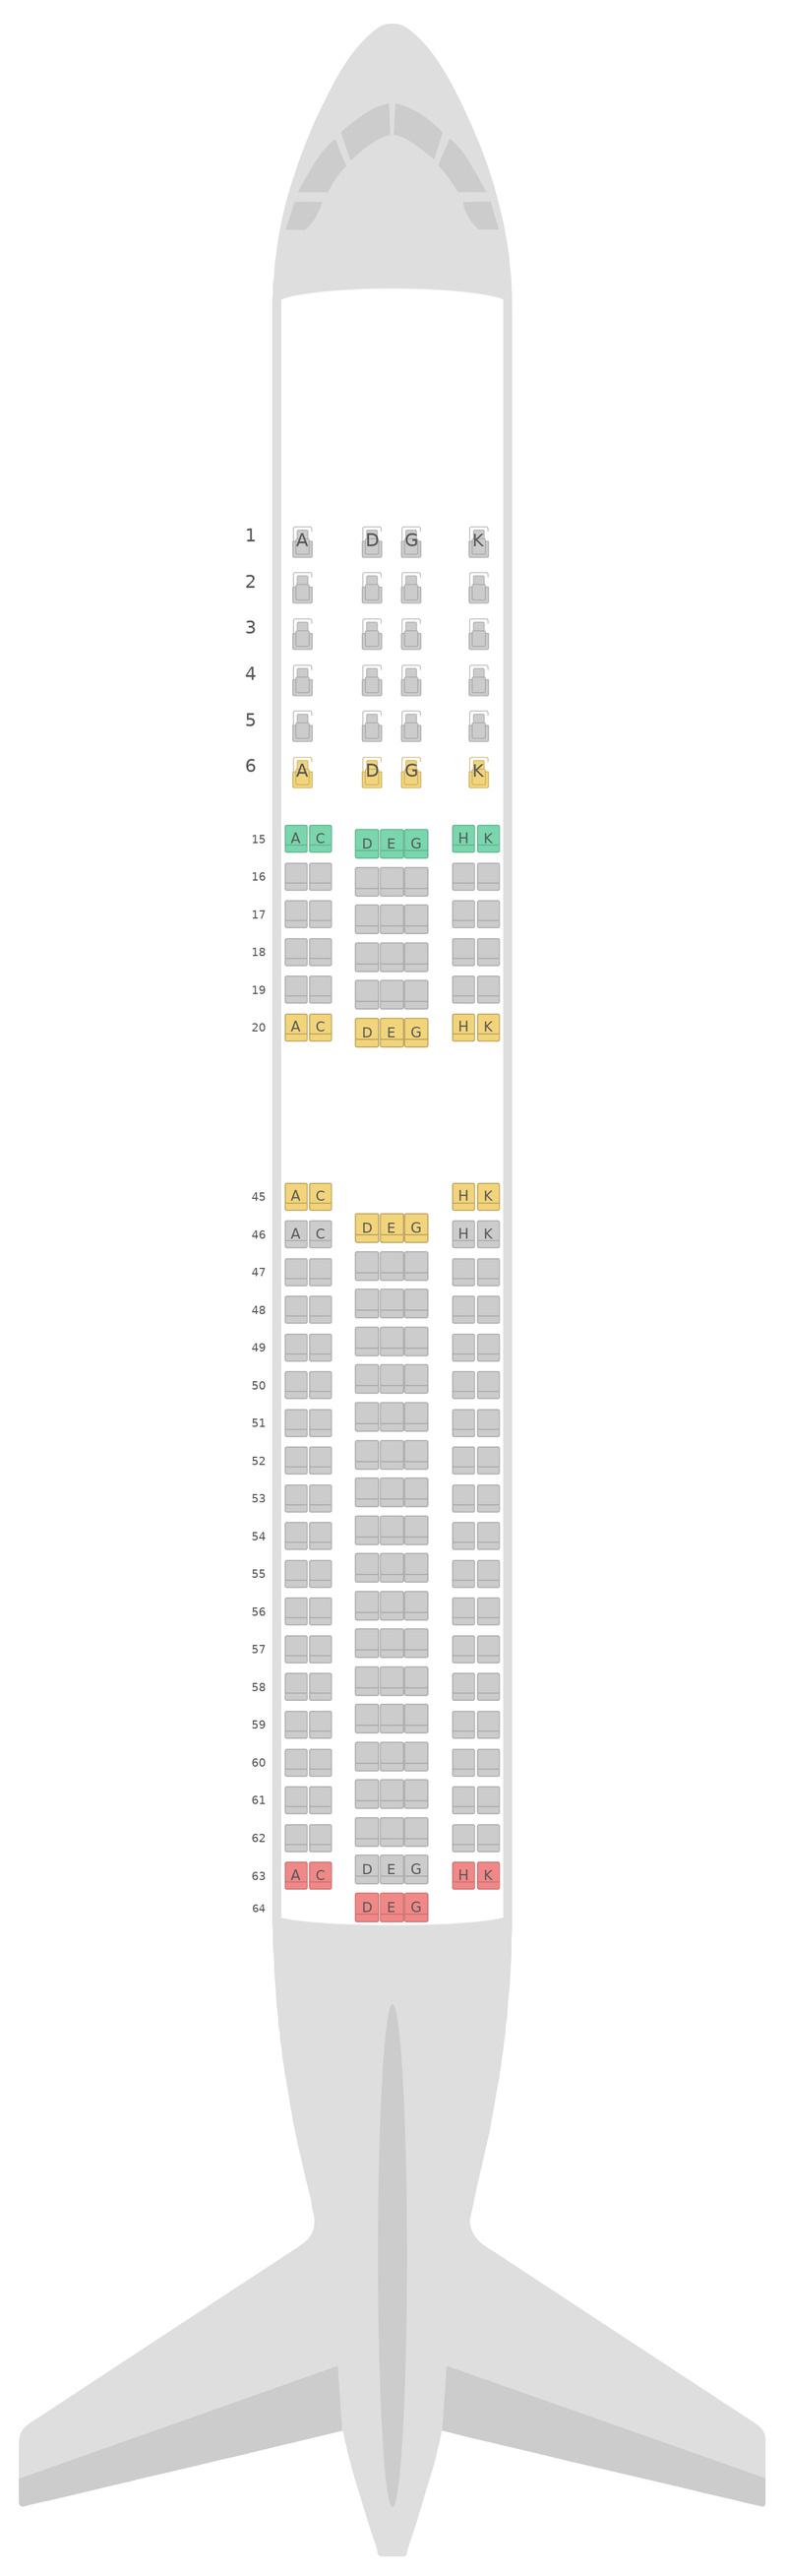 Sitzplan Boeing 767-300ER v5 Japan Airlines (JAL)